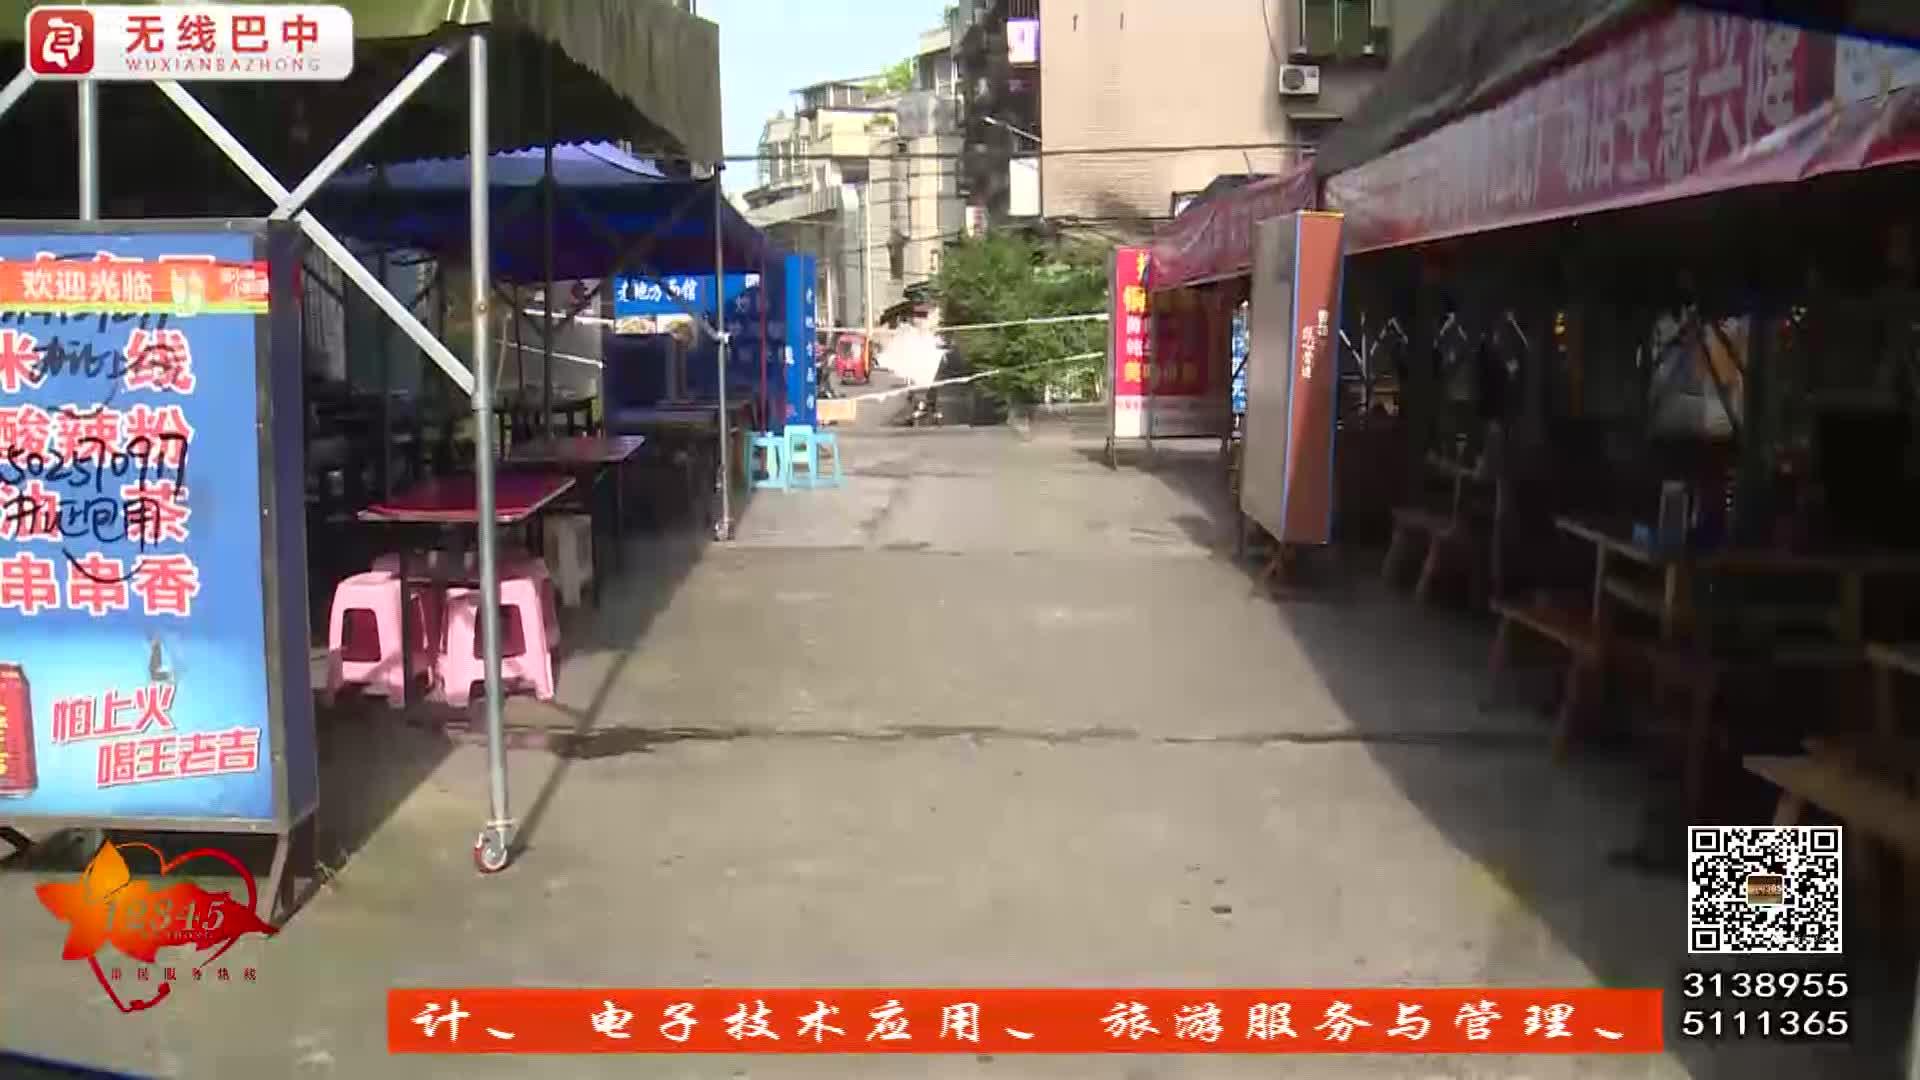 巴人广场:下水道堵塞致污水四溢?附近商家怨声载道